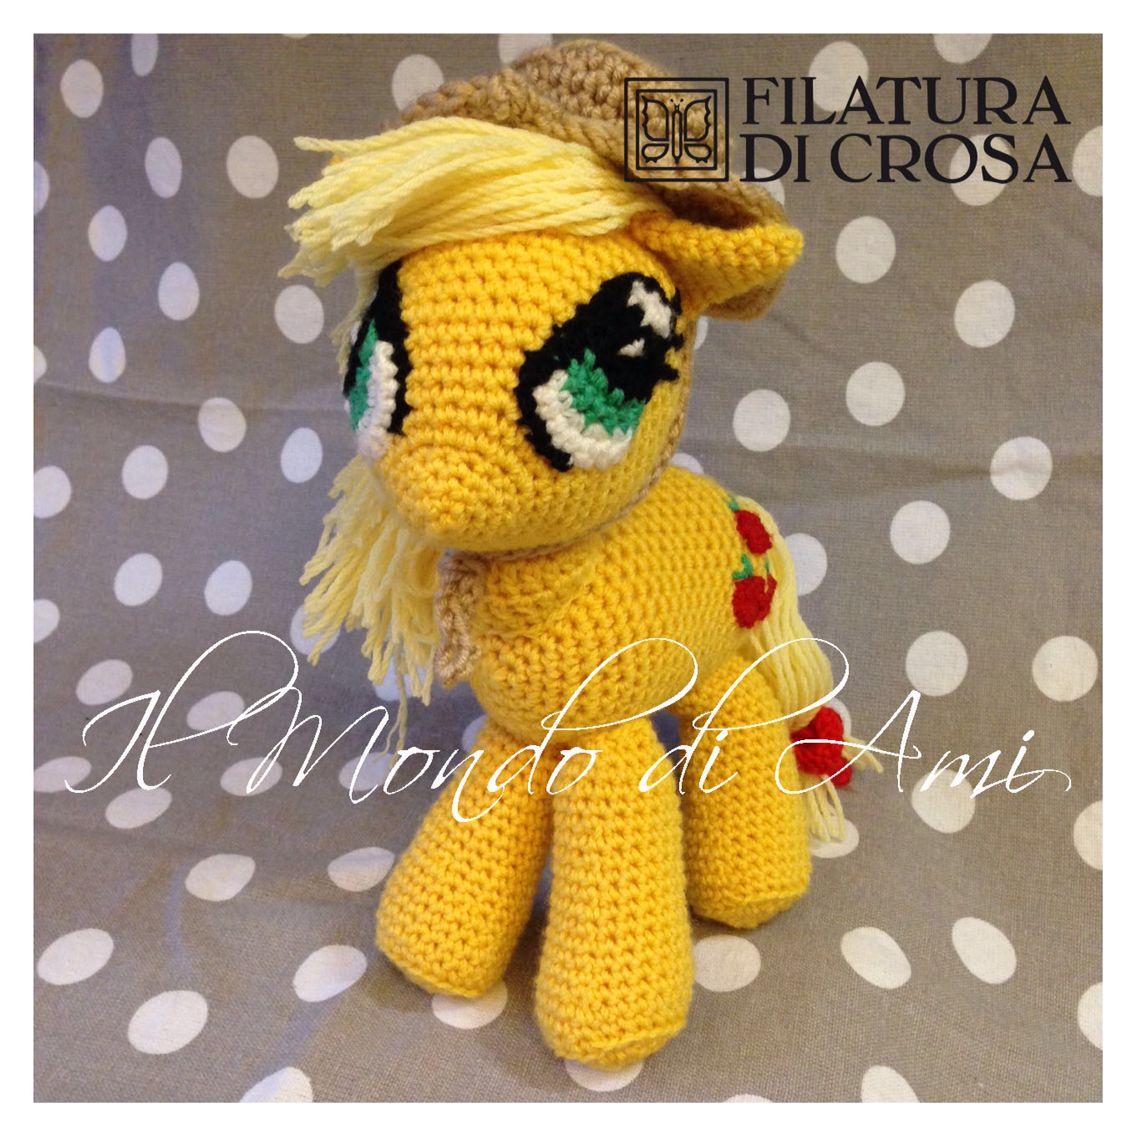 """Mio Mini Pony """"Applejack"""" Amigurumi realizzato con filato """"Principessa"""" e microfibra """"Excellent baby"""" Filatura di Crosa. Uncinetto fatto a mano. Amigurumi """"Applejack"""" my little pony. Handmade crochet."""